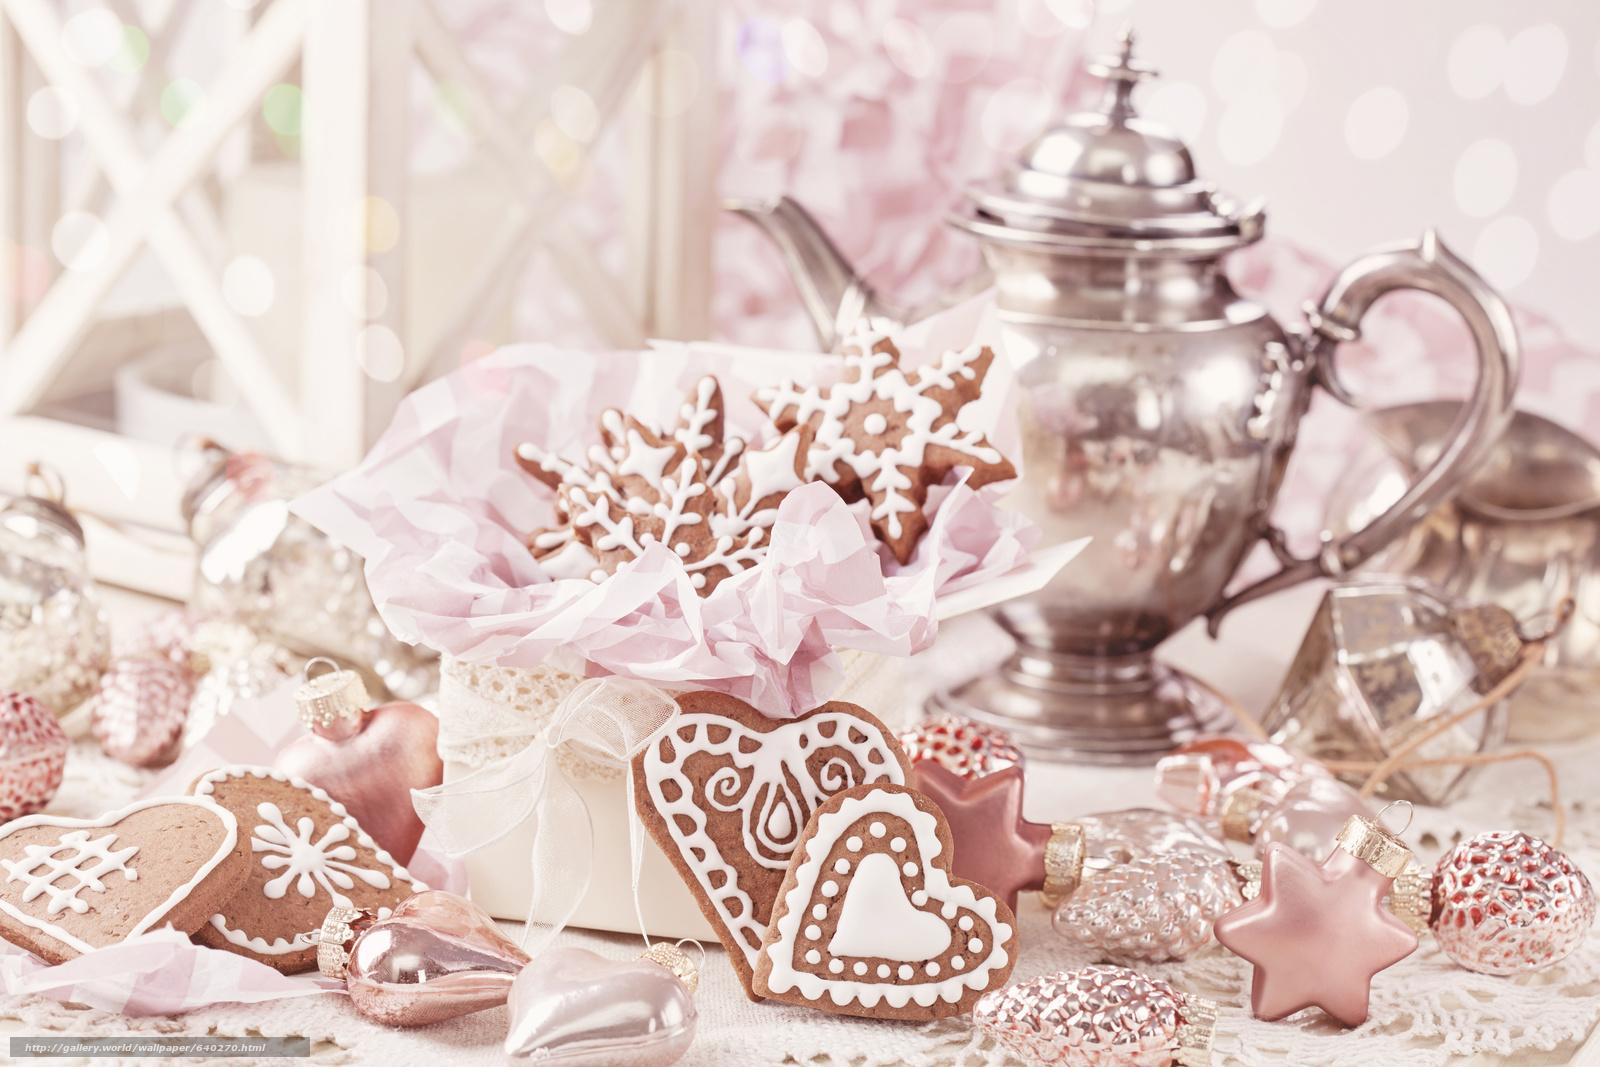 Descargar gratis Año Nuevo,  Navidad,  galletas,  hervidor Fondos de escritorio en la resolucin 5616x3744 — imagen №640270